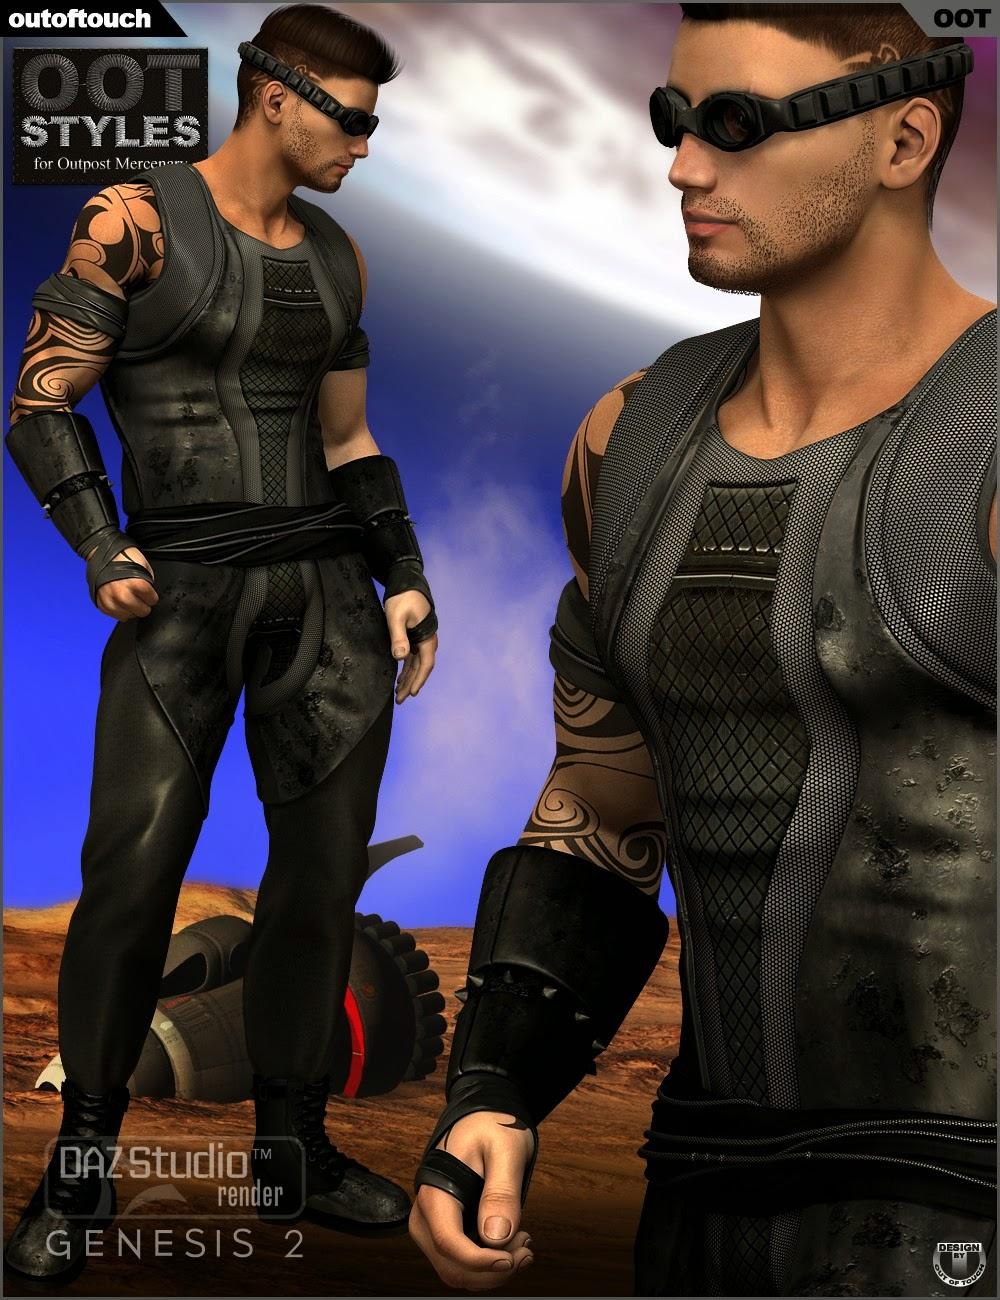 Styles de OOT pour Outpost Mercenary Genèse 2 Homme